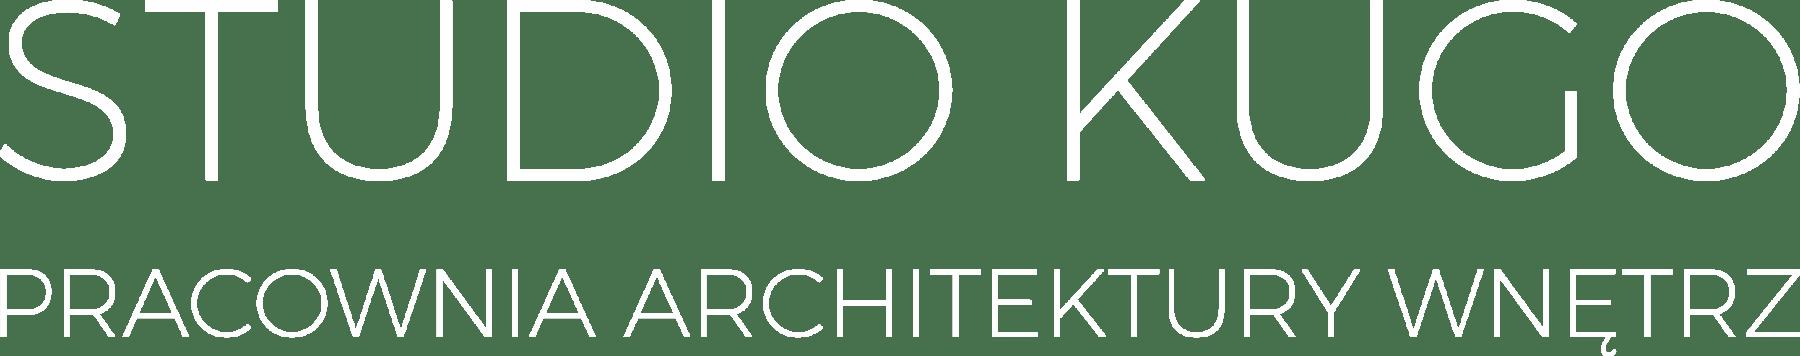 STUDIO KUGO - PRACOWNIA ARCHITEKTURY WNĘTRZ